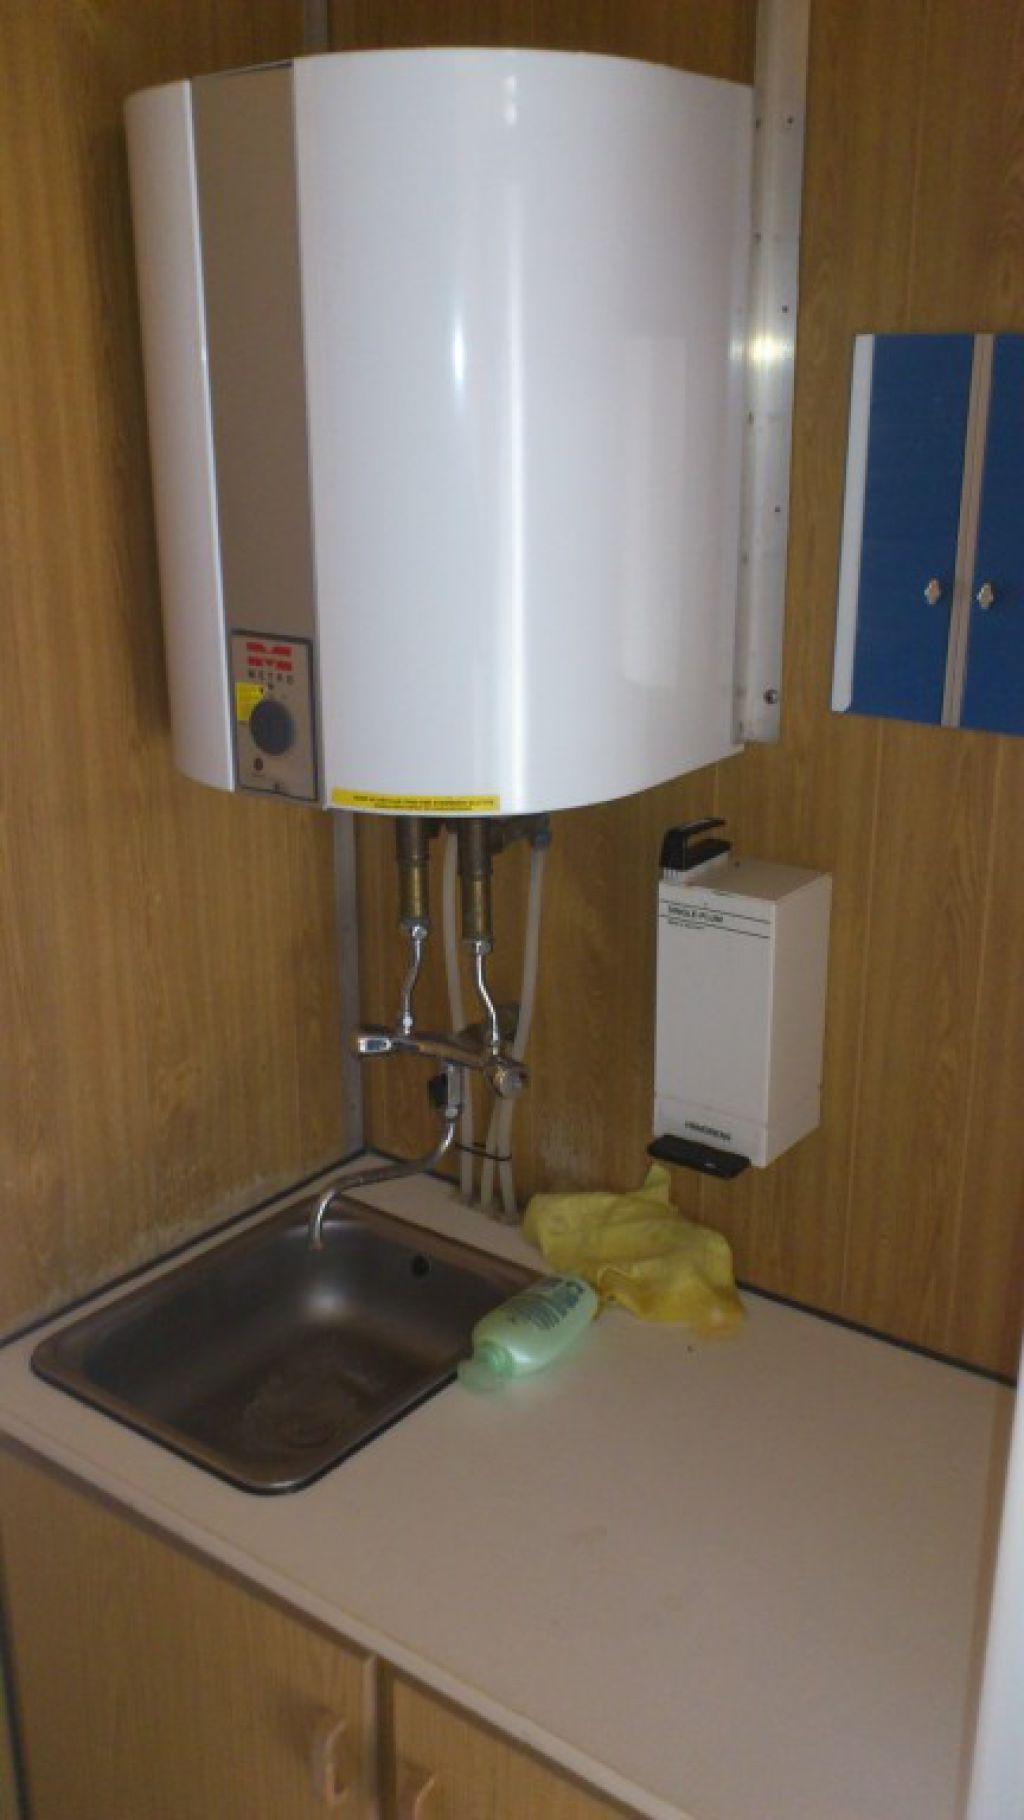 Seriøst RC Fisker mandskabsvogn med bad og toilet med kværn, uden tank for FB14